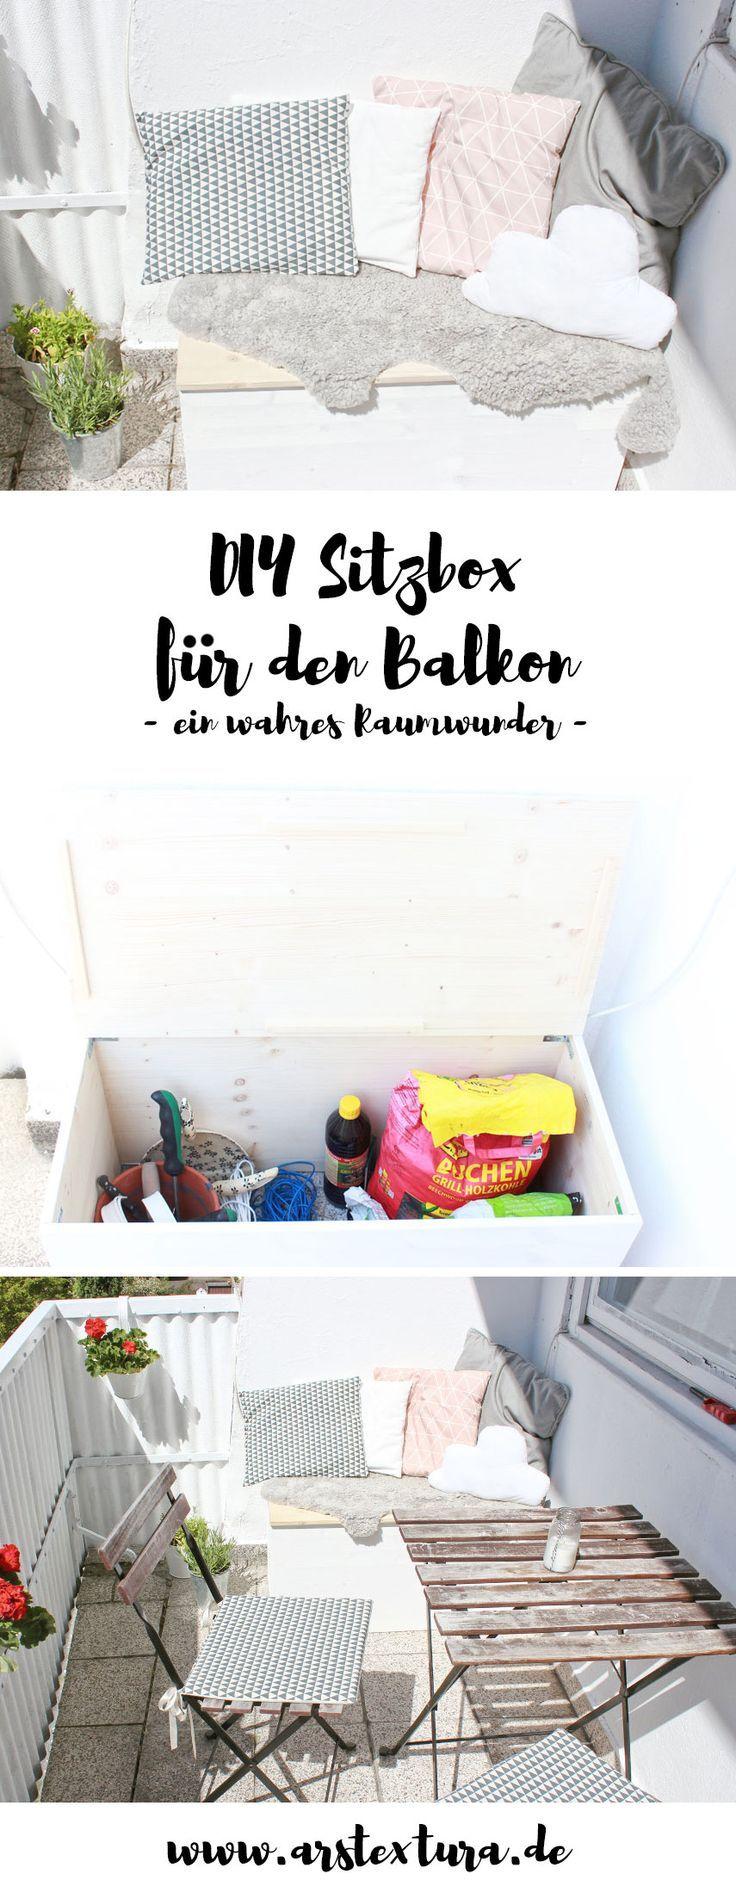 Ordnung für den Balkon… meine DIY Sitzbox